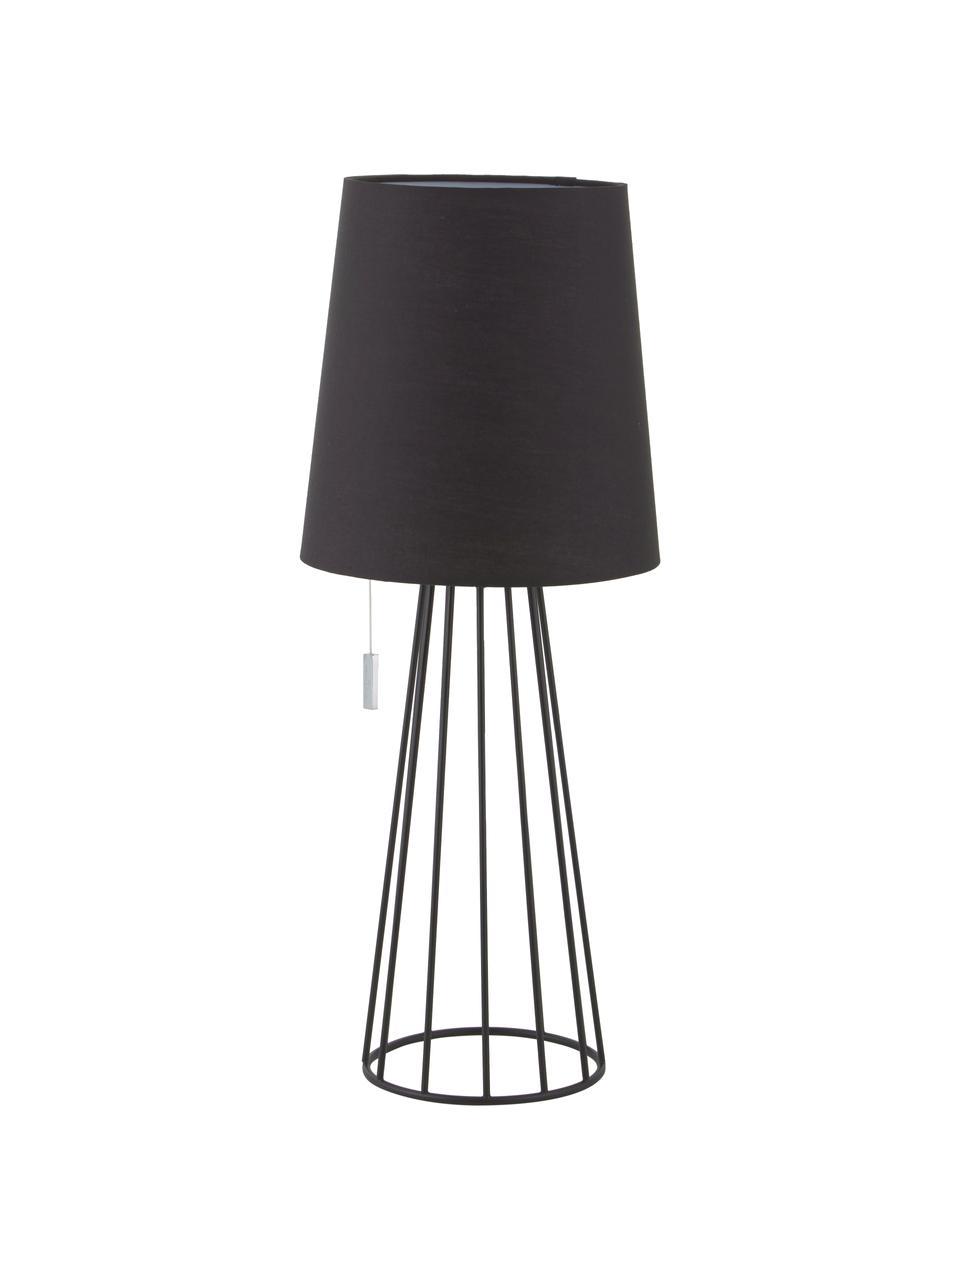 Große Tischlampe Mailand in Schwarz, Lampenfuß: Metall, vermessingt und l, Schwarz, Ø 23 x H 59 cm